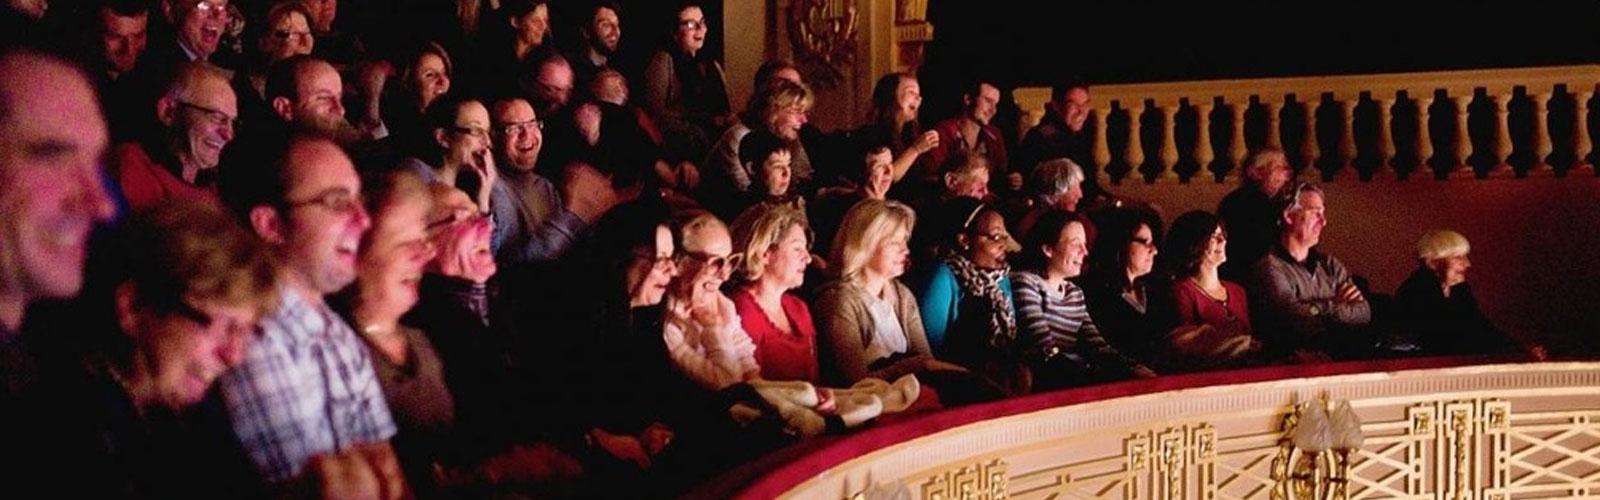 theatre-privee